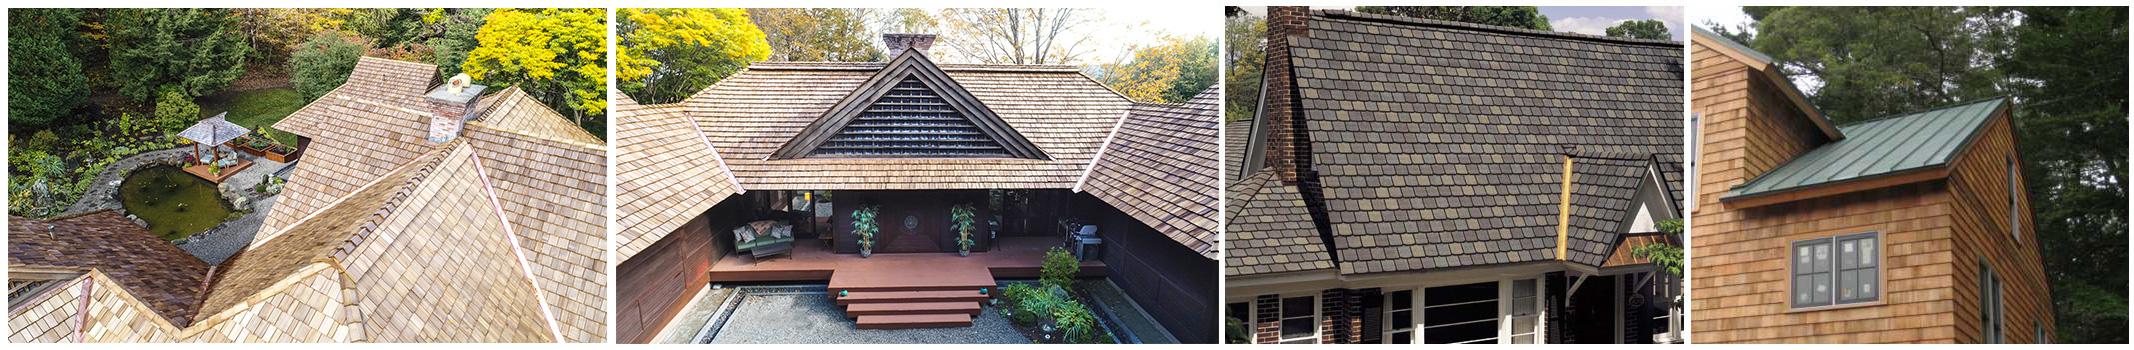 Wood Shake Amp Shingle Roof Repair In Vt Amp Nh 800 281 3585